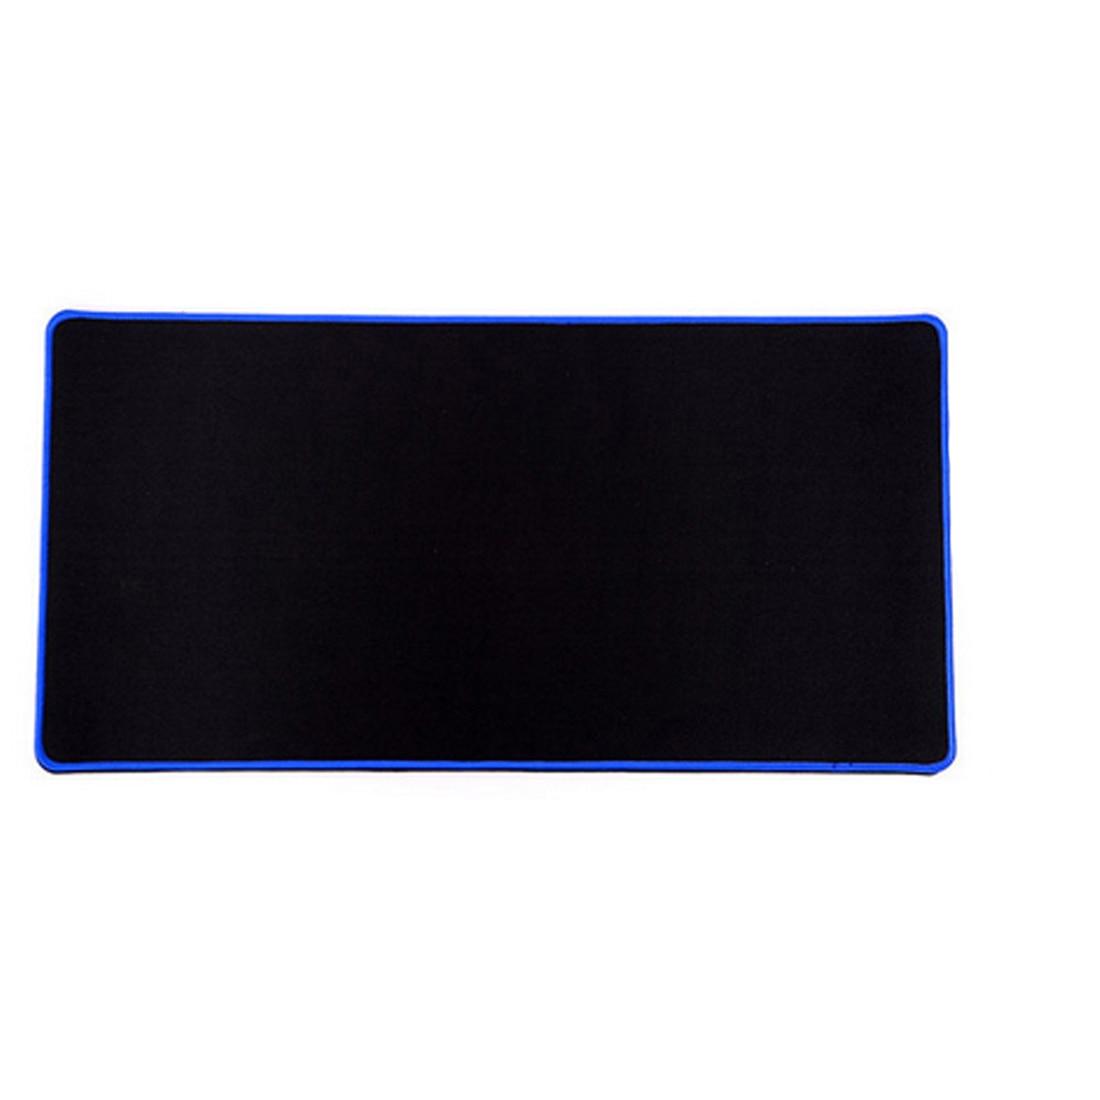 Bei Mousepad Bantal Besar Ungu Daftar Harga Terbaru Dan Terlengkap 6030 Cm Gaming Mouse Pad Merah Biru Hitam Hijau